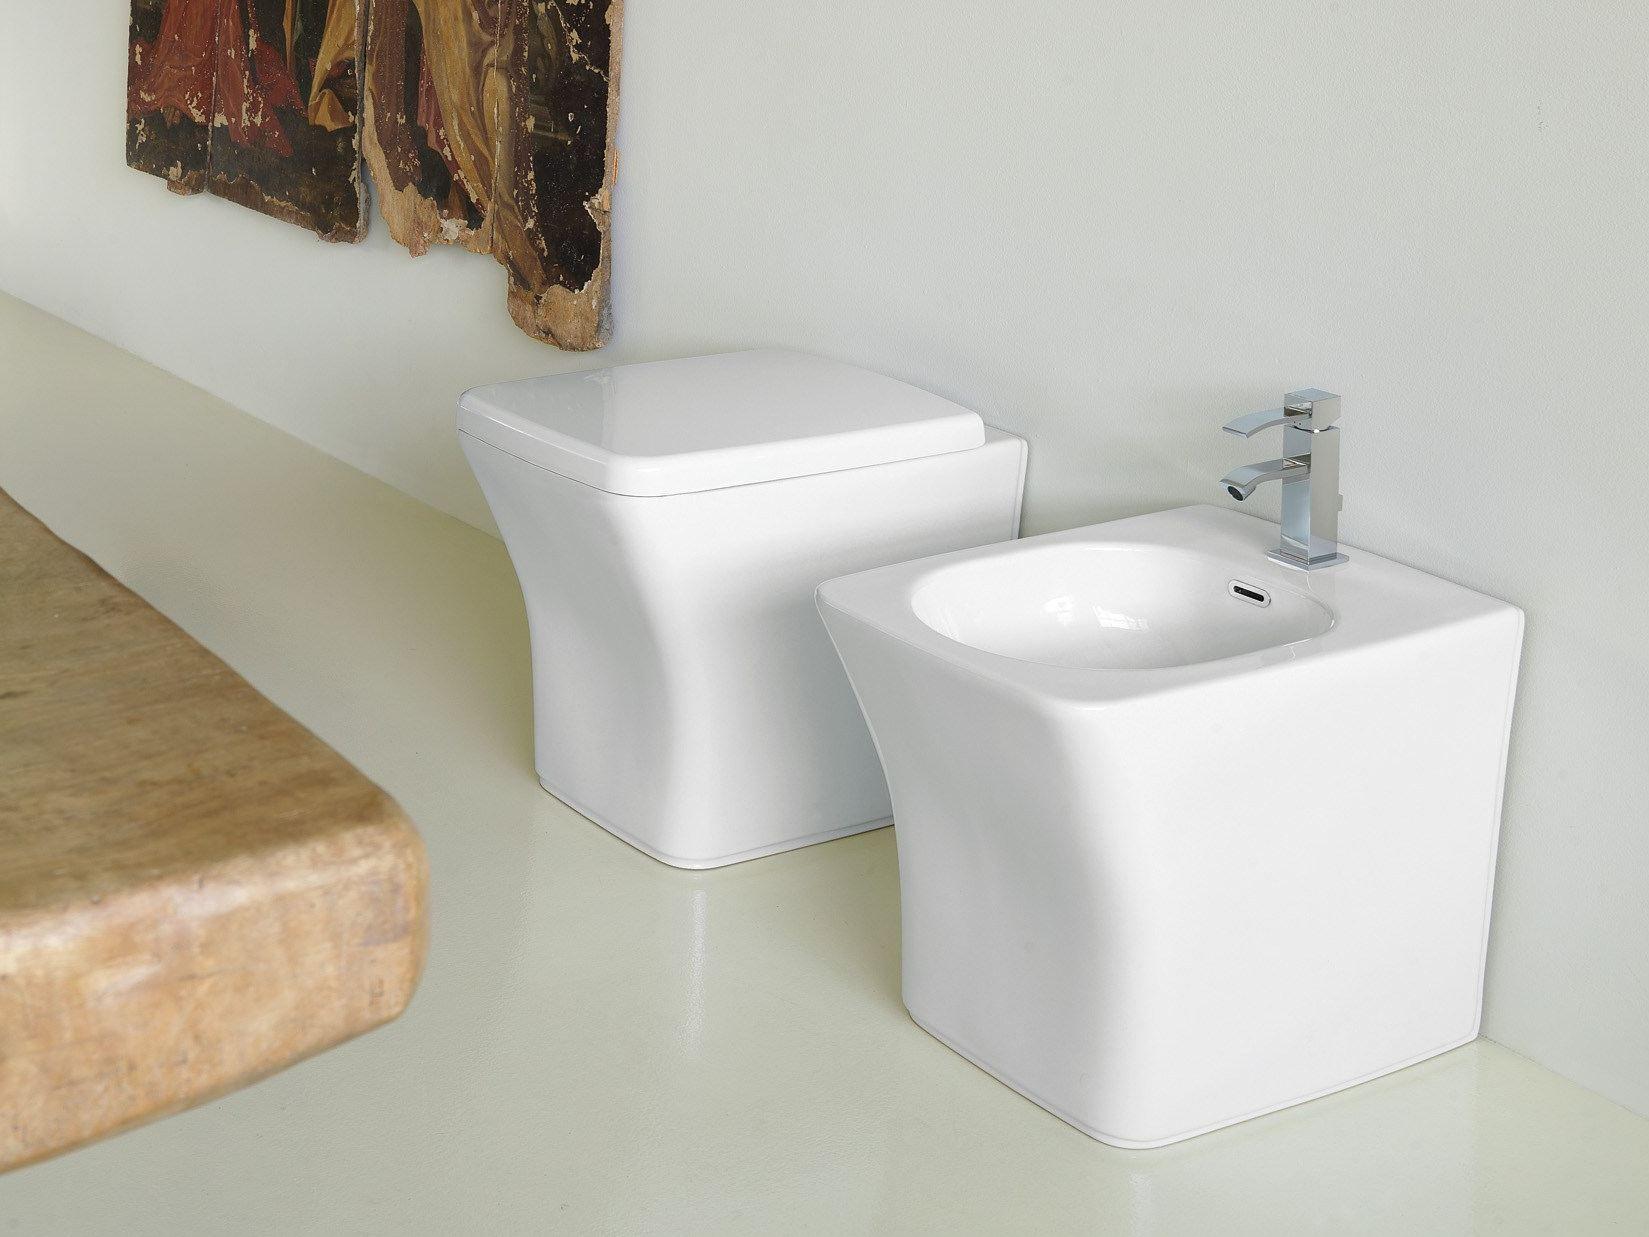 neutra | wc by newform design luca cimarra - Ceramica Bagno Fluida Di Newform